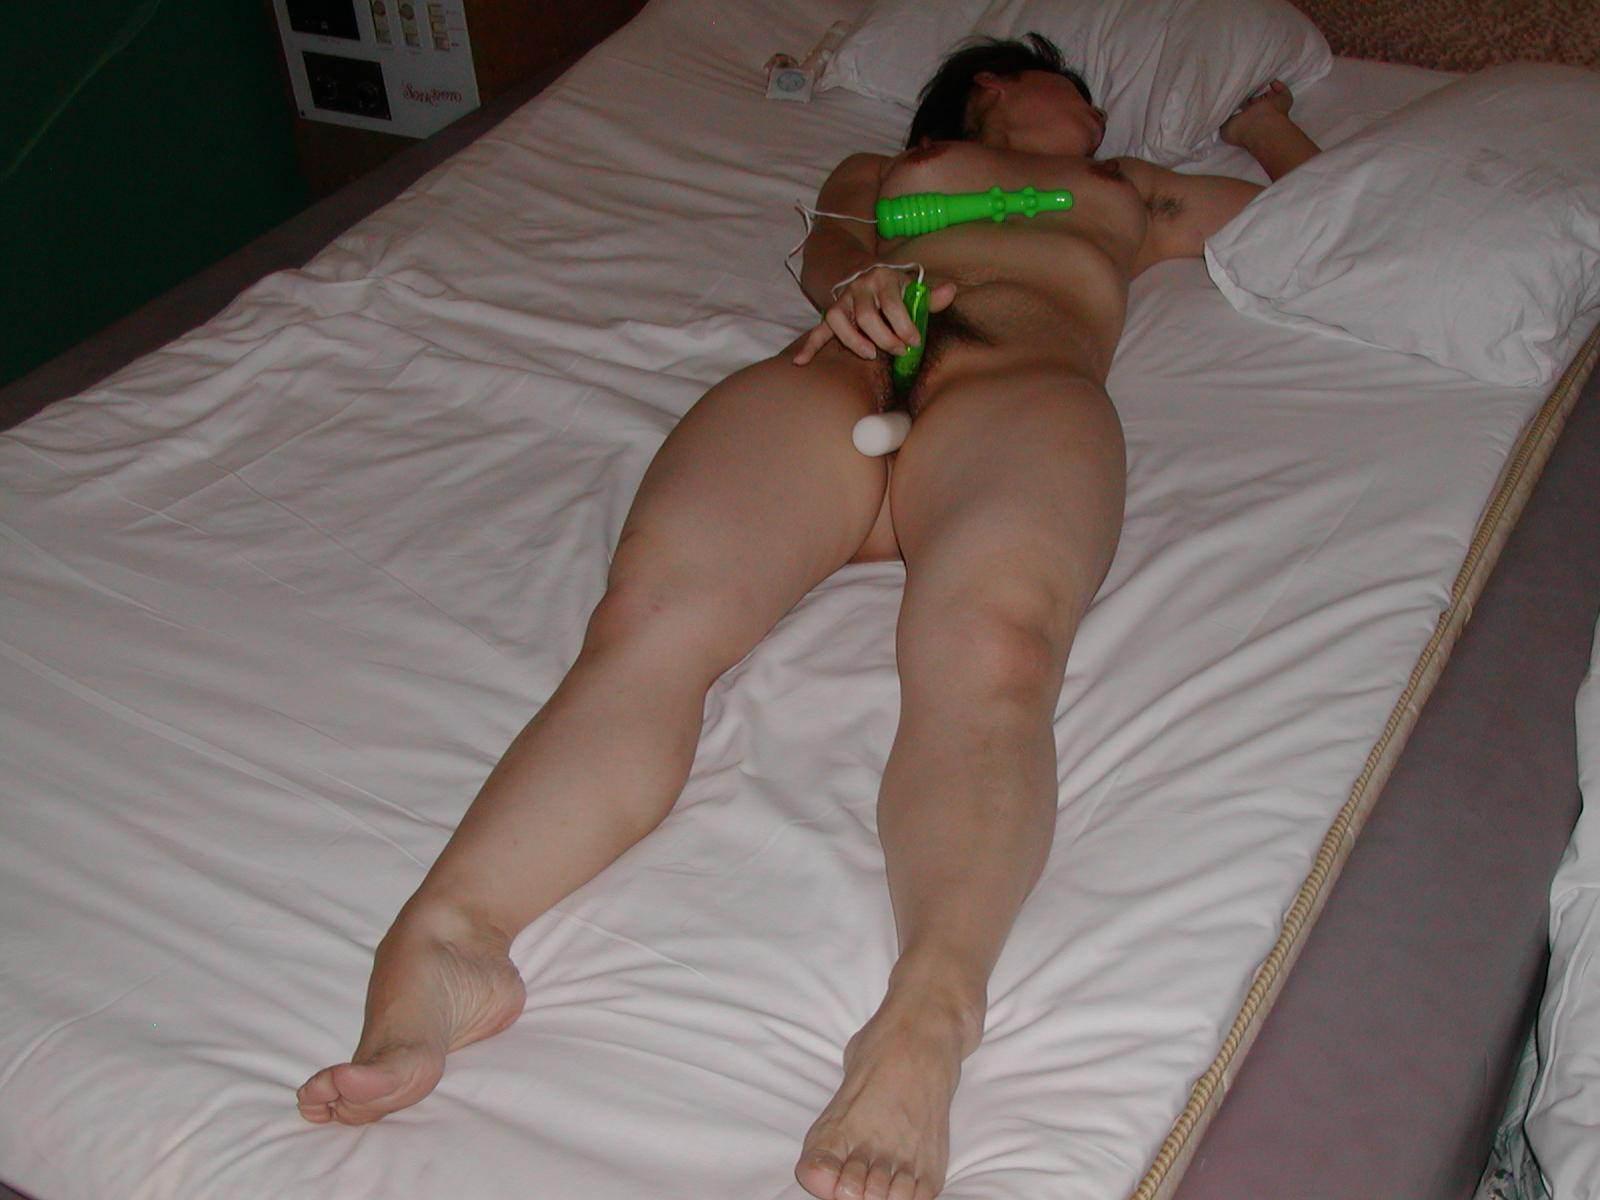 【オナニーエロ画像】イクーッ!!エビ反りや足ピン…オナニーなのに本気で絶頂を迎えた女の子がエロ過ぎるwww その2